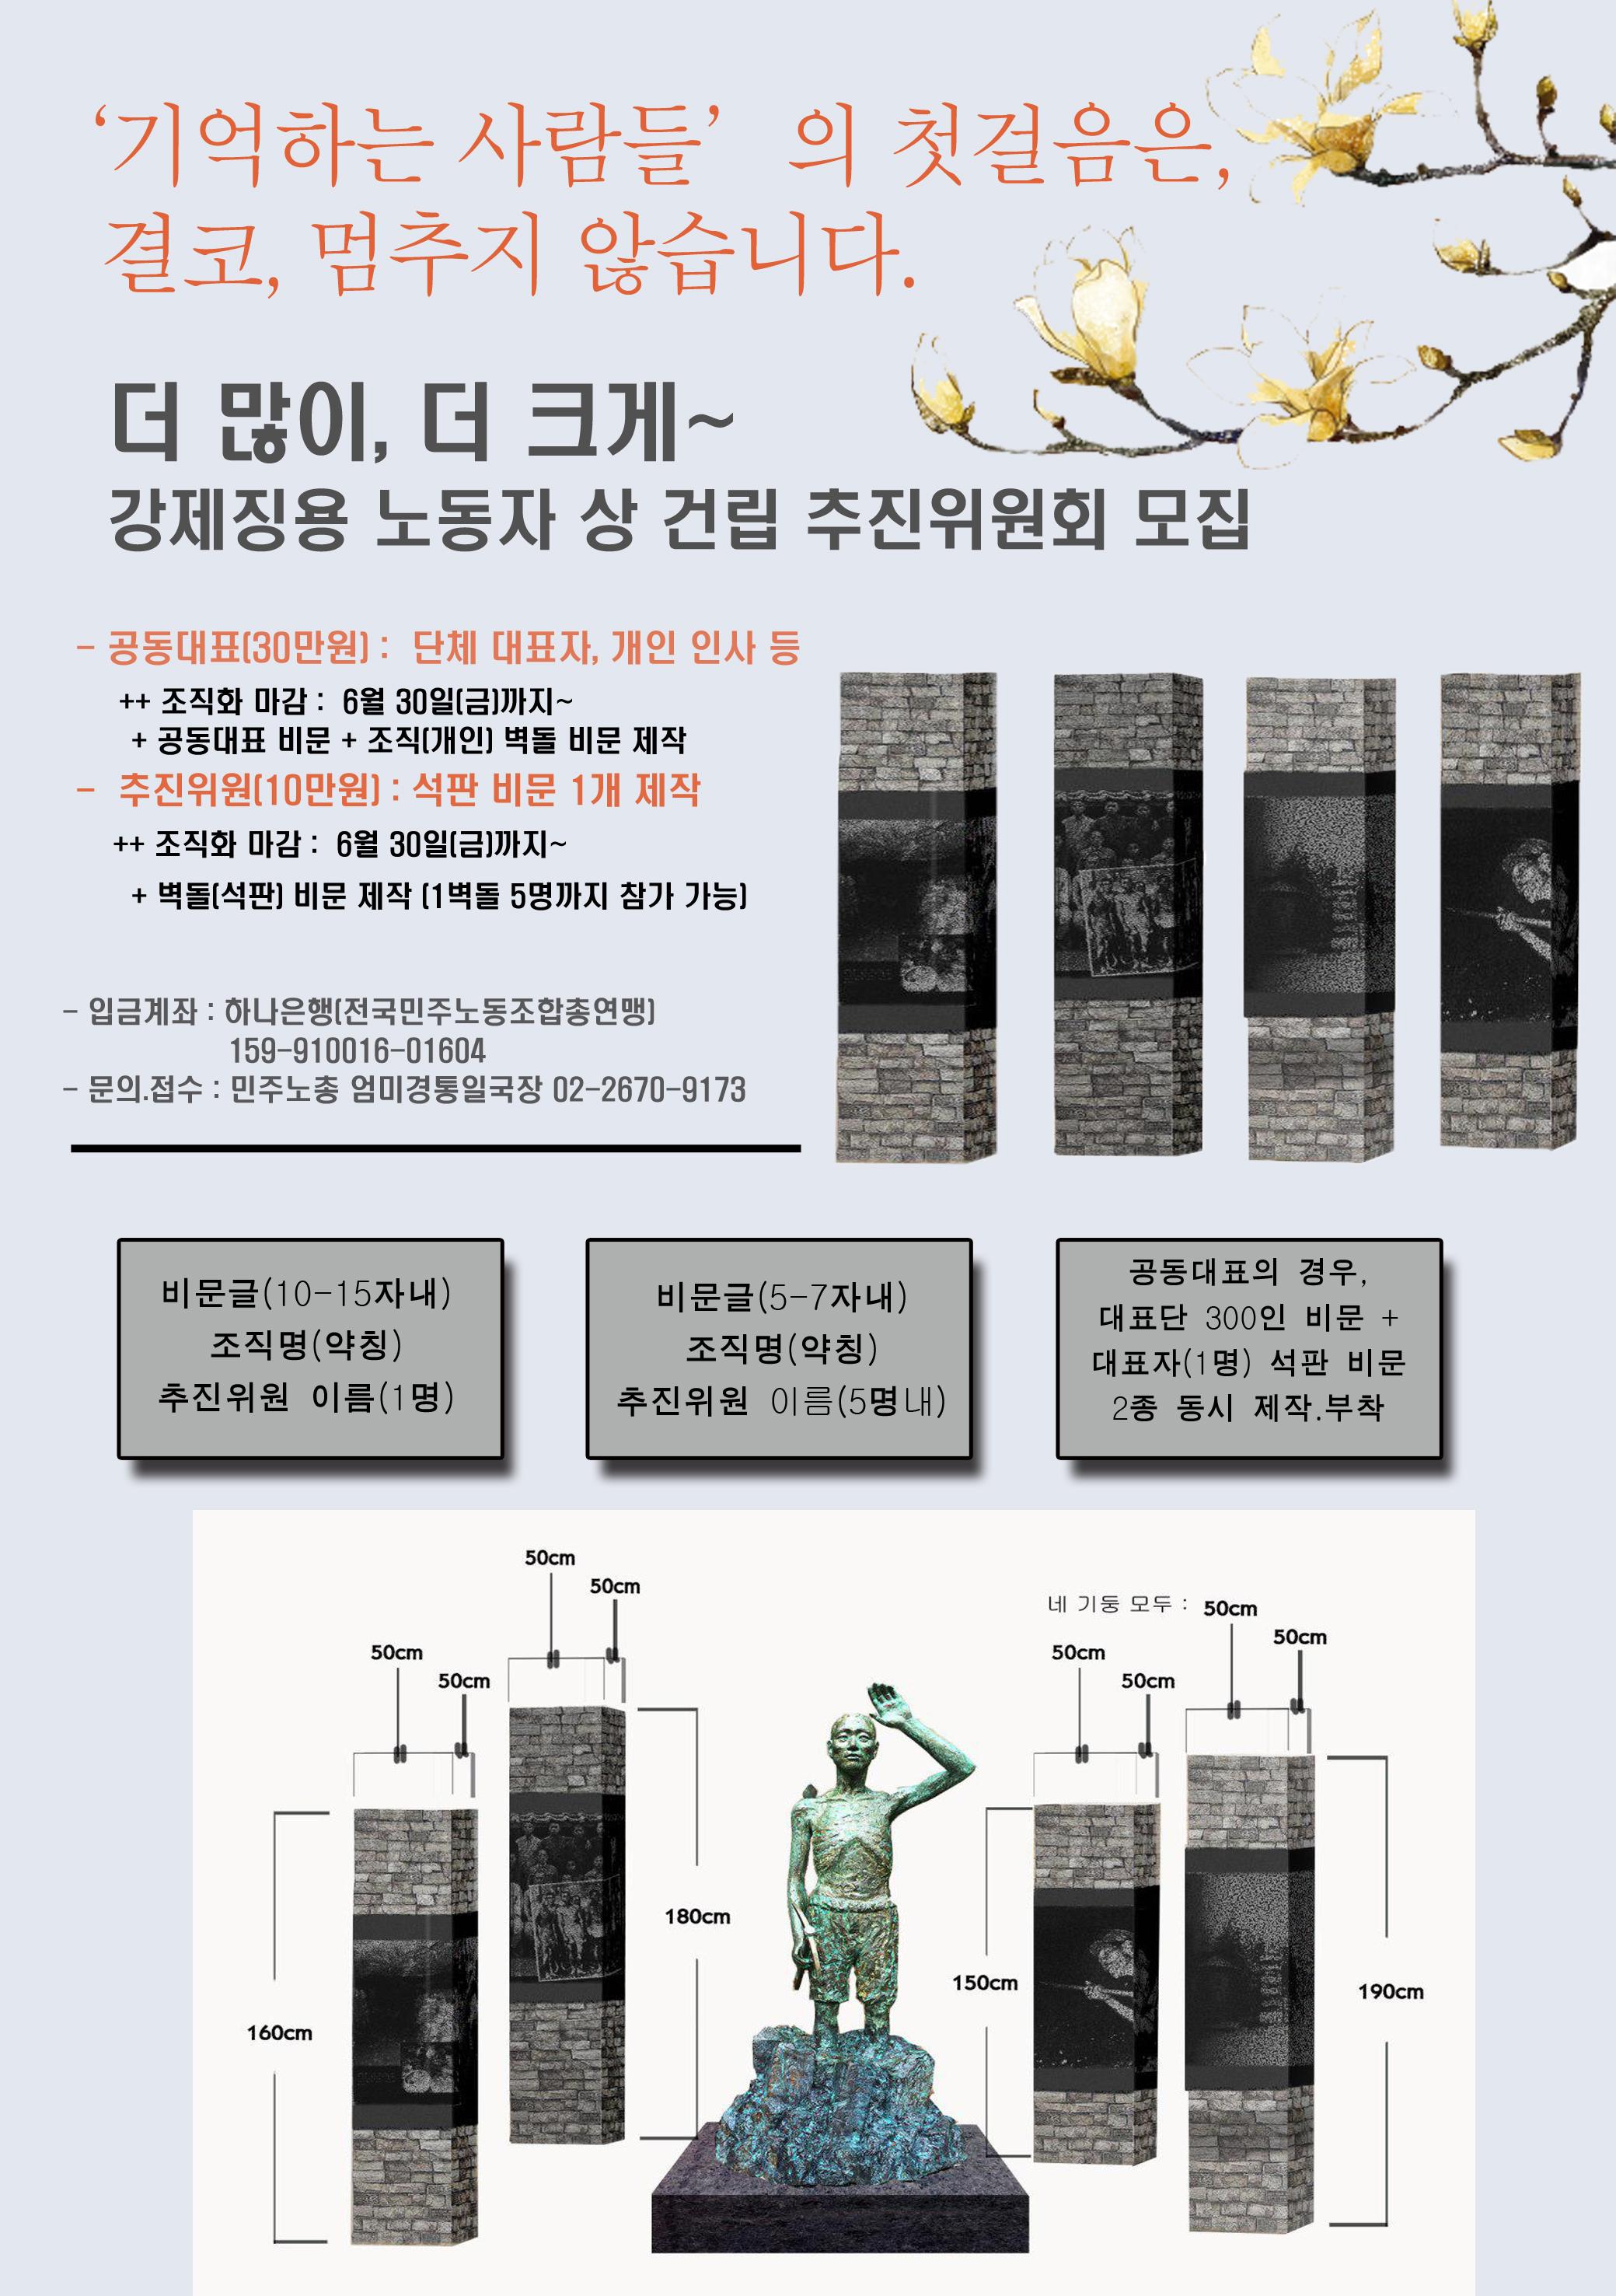 강제징용 조직화 2차 0303.jpg